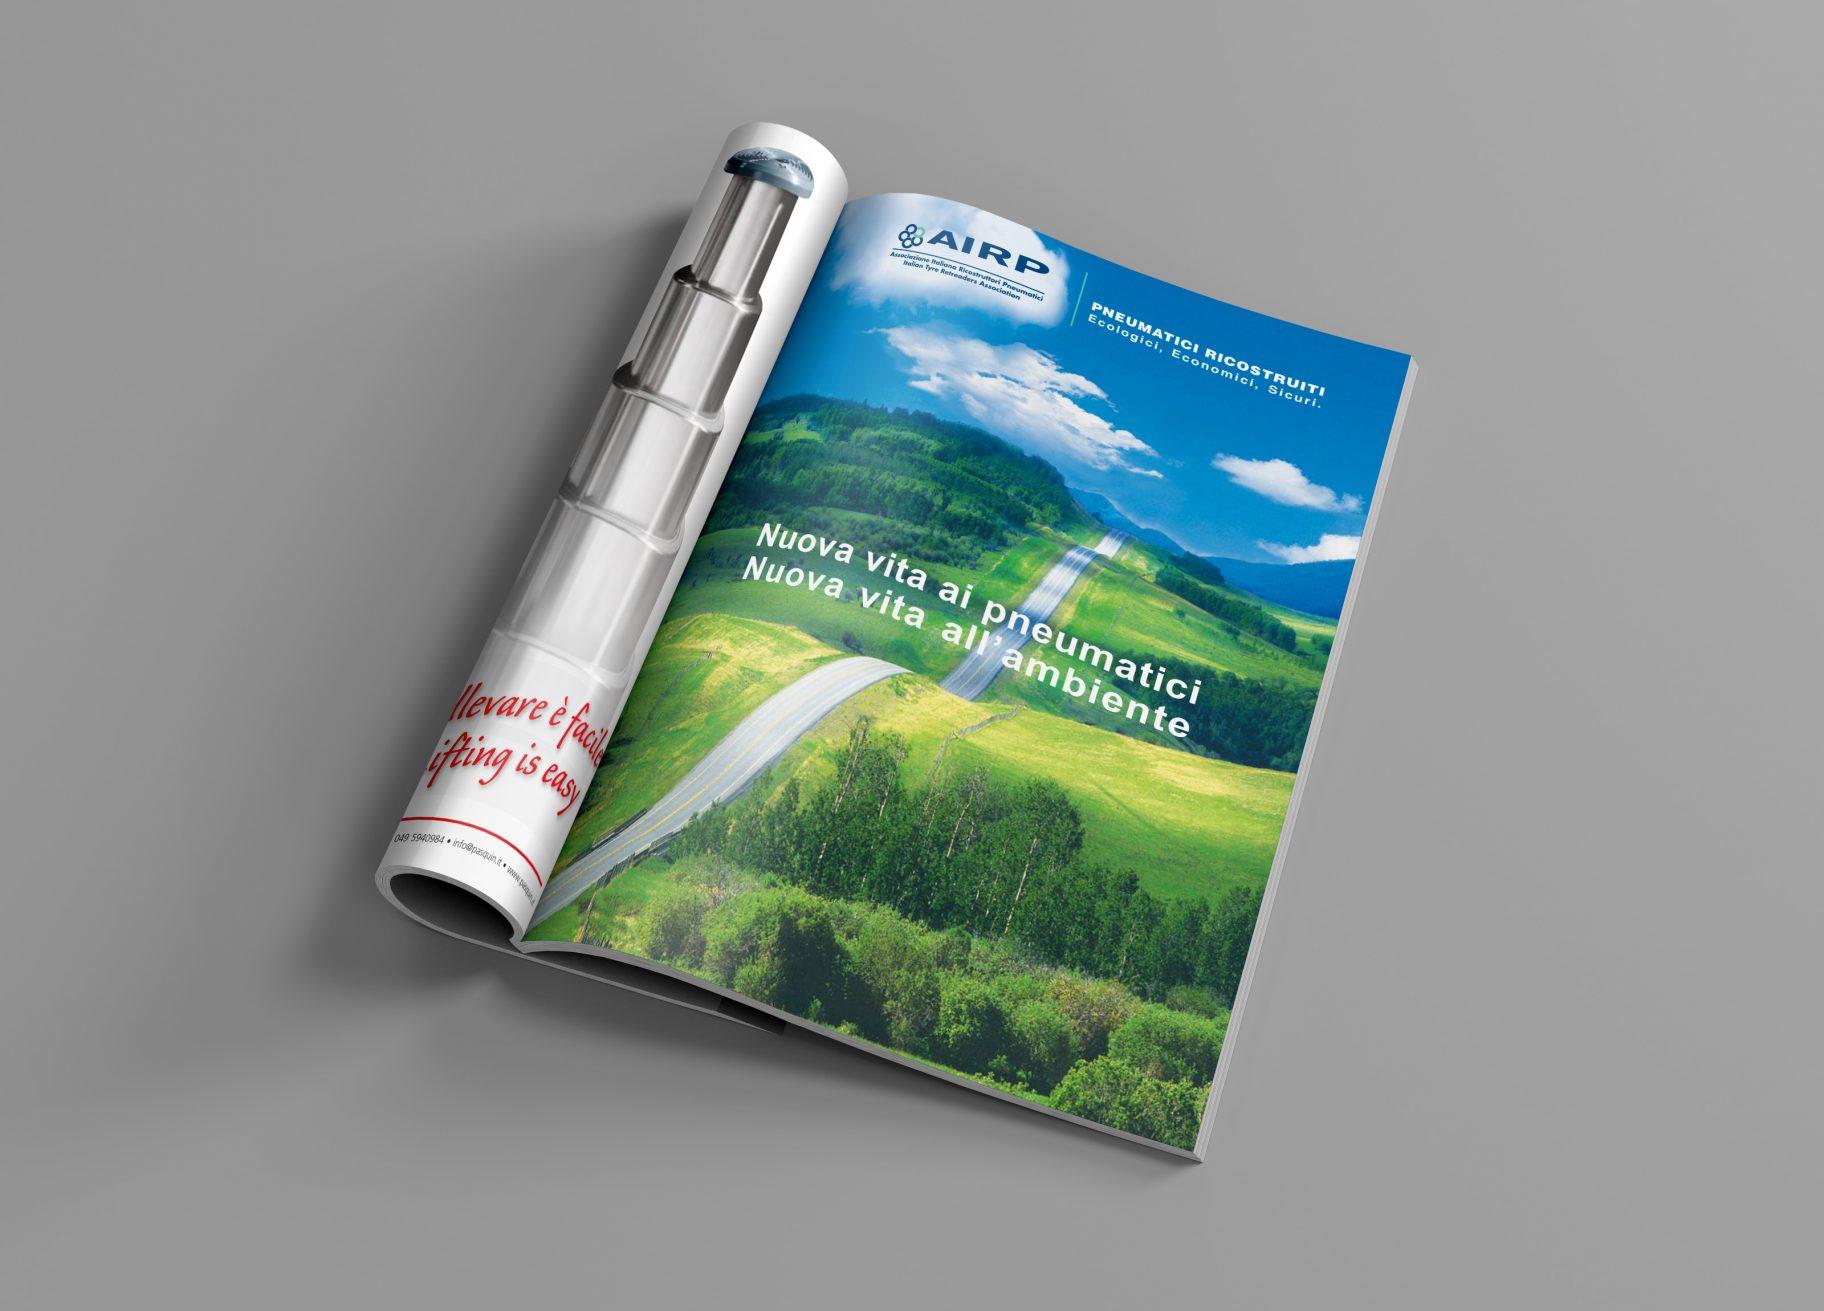 AIRP Pneumatici Ricostruiti -Pagina pubblicitaria